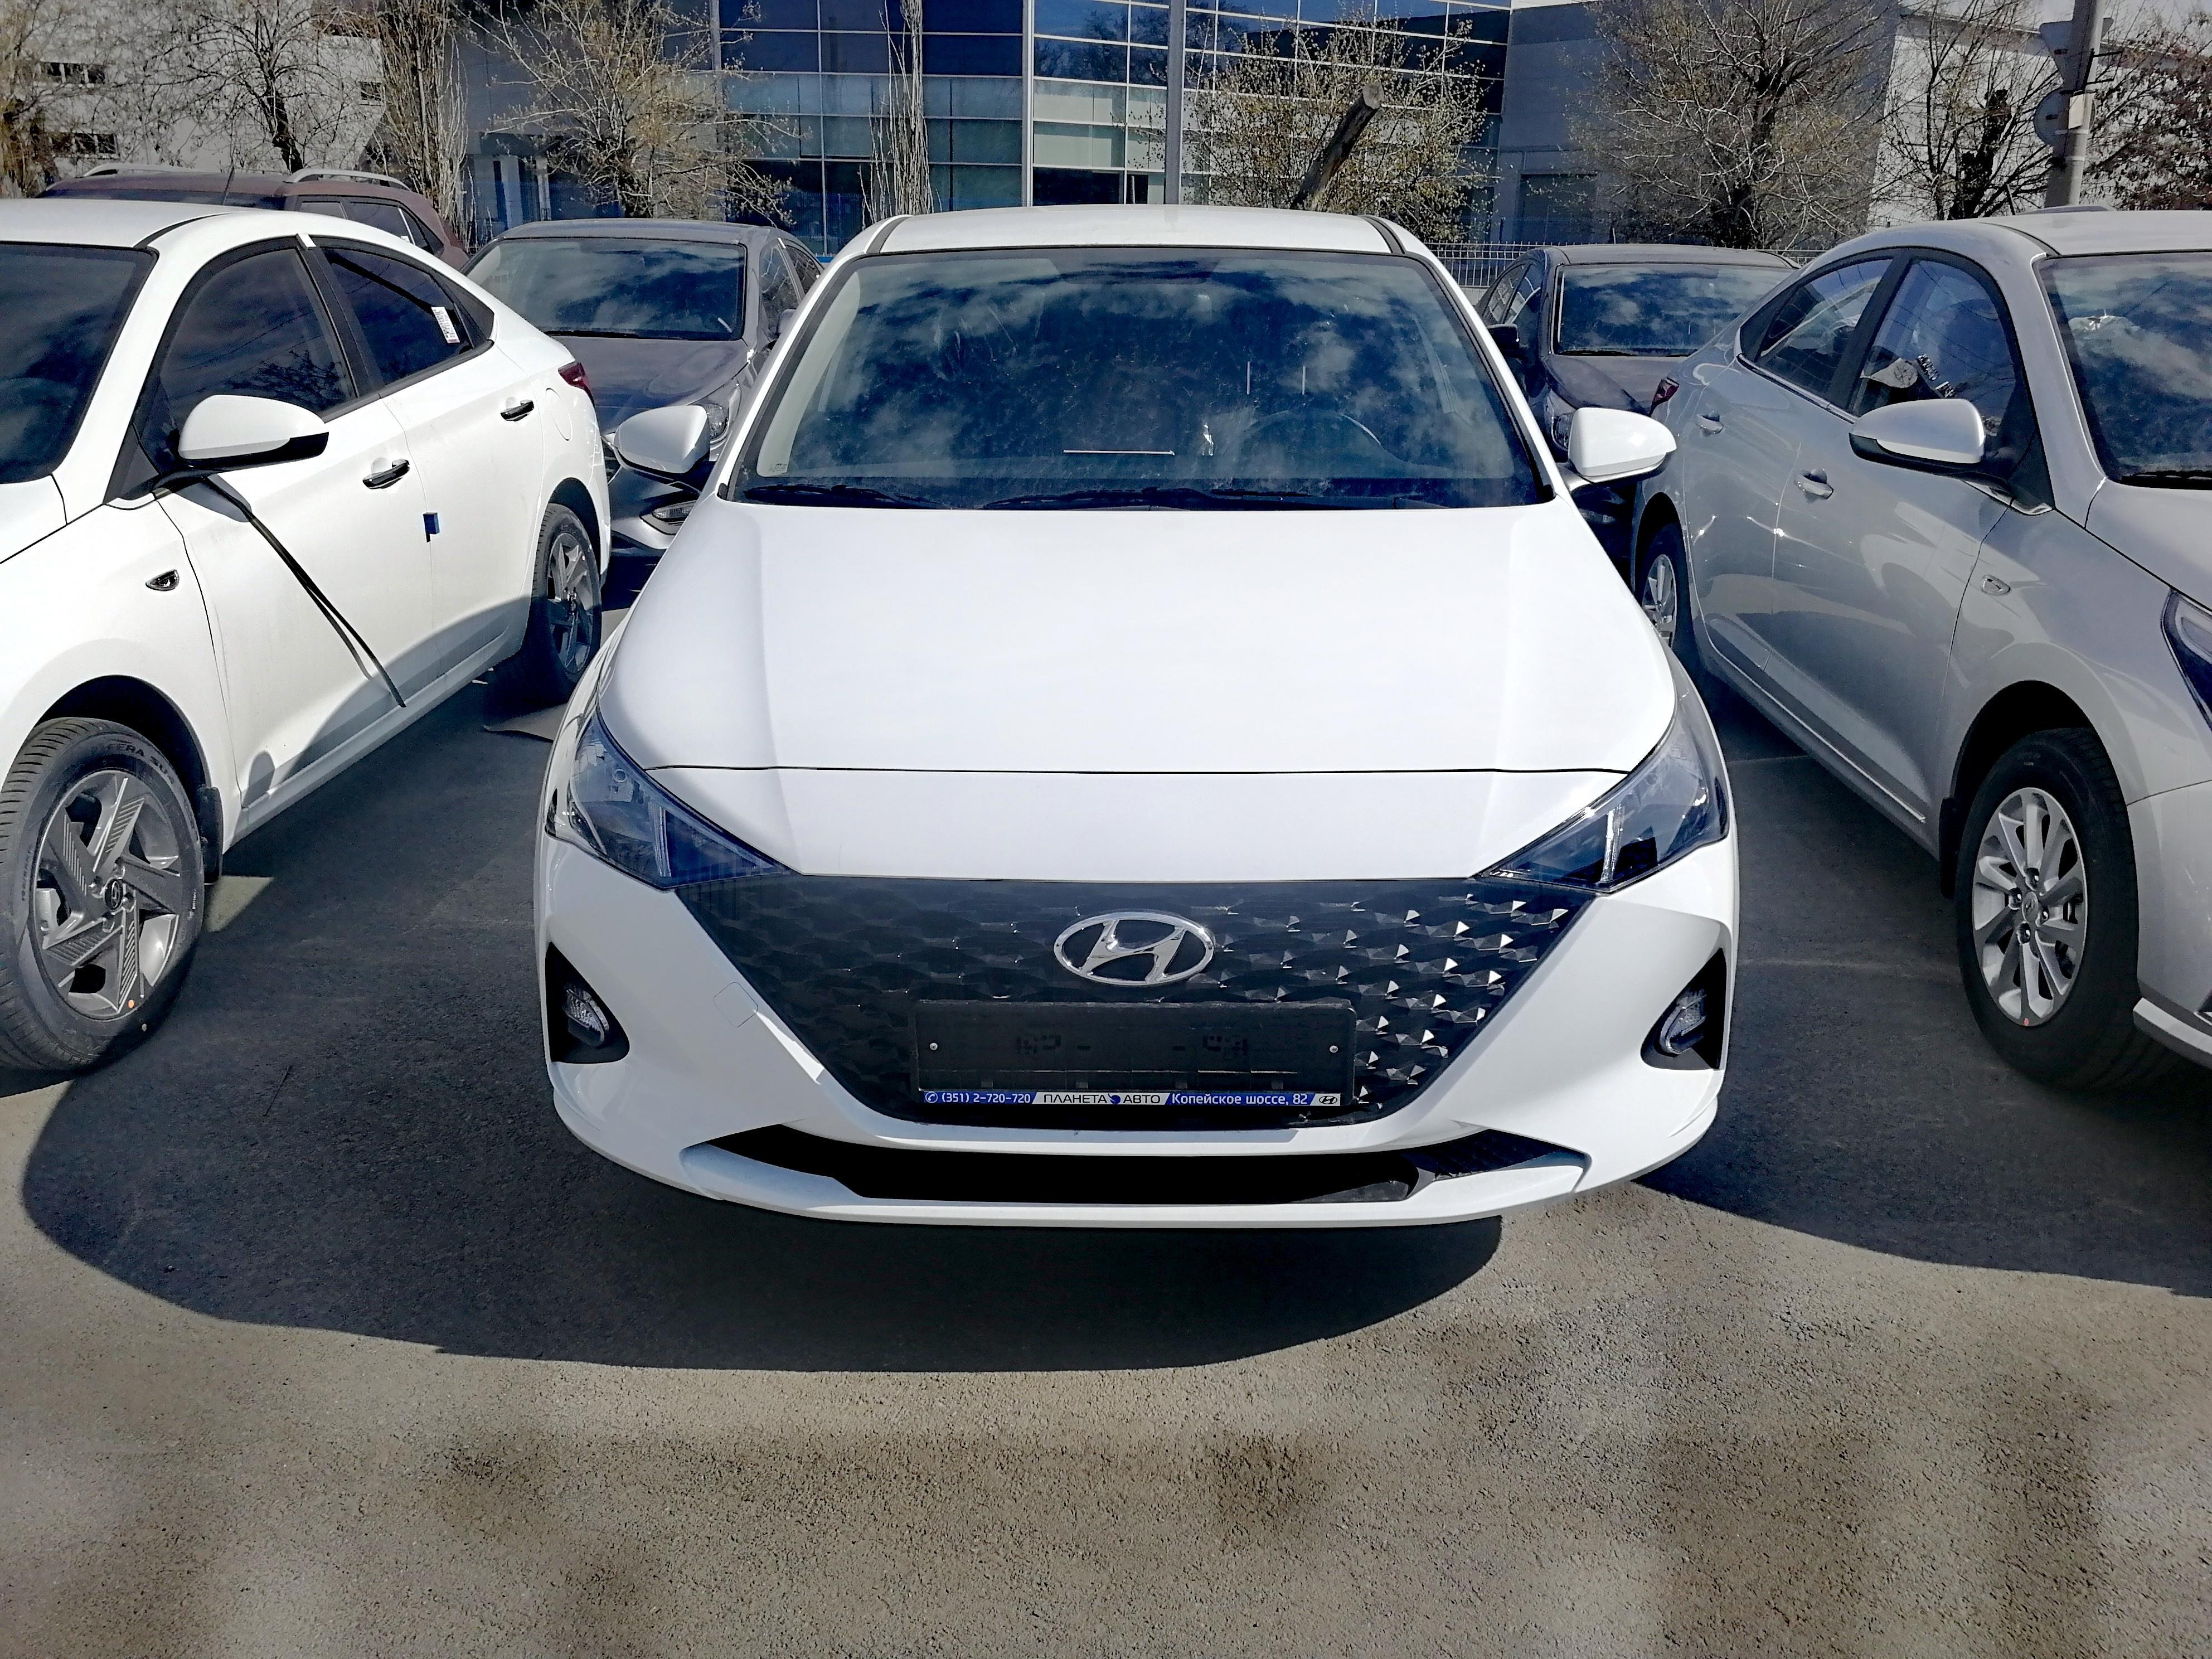 Hyundai Новый Solaris 1.6 AT (123 л.с.) Active Plus